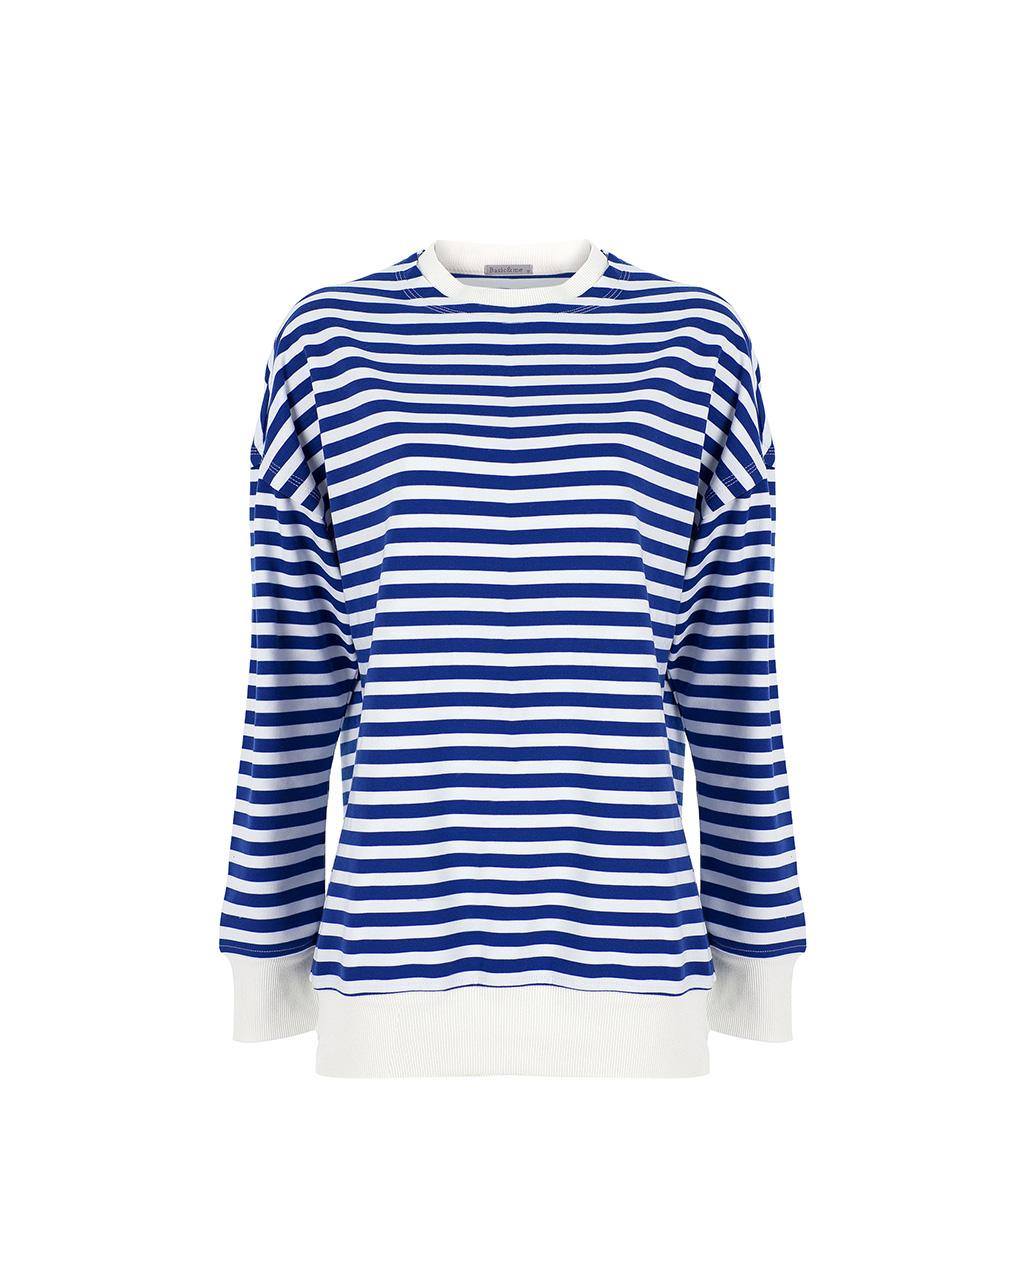 Basic&me - Mavi Beyaz Çember Sweatshirt